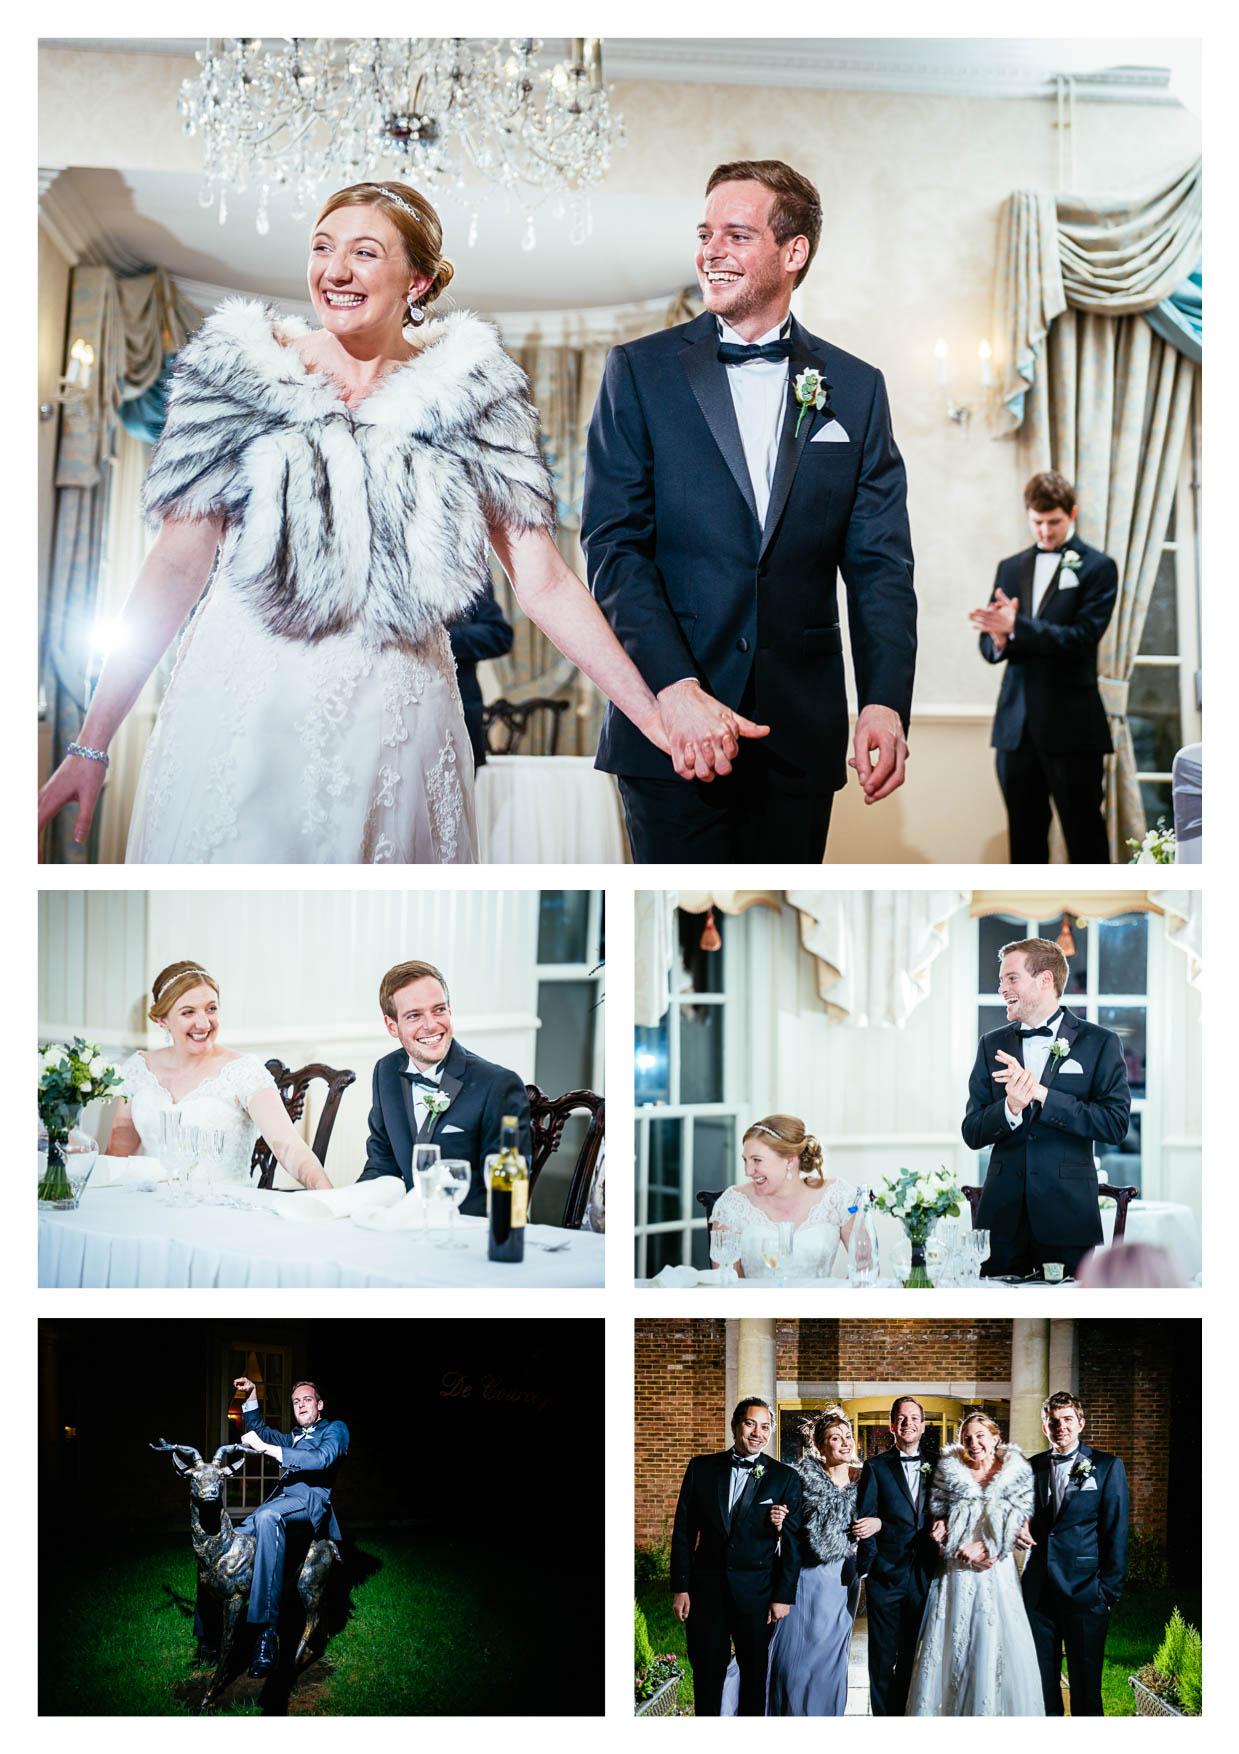 Wedding Photographers, Cardiff